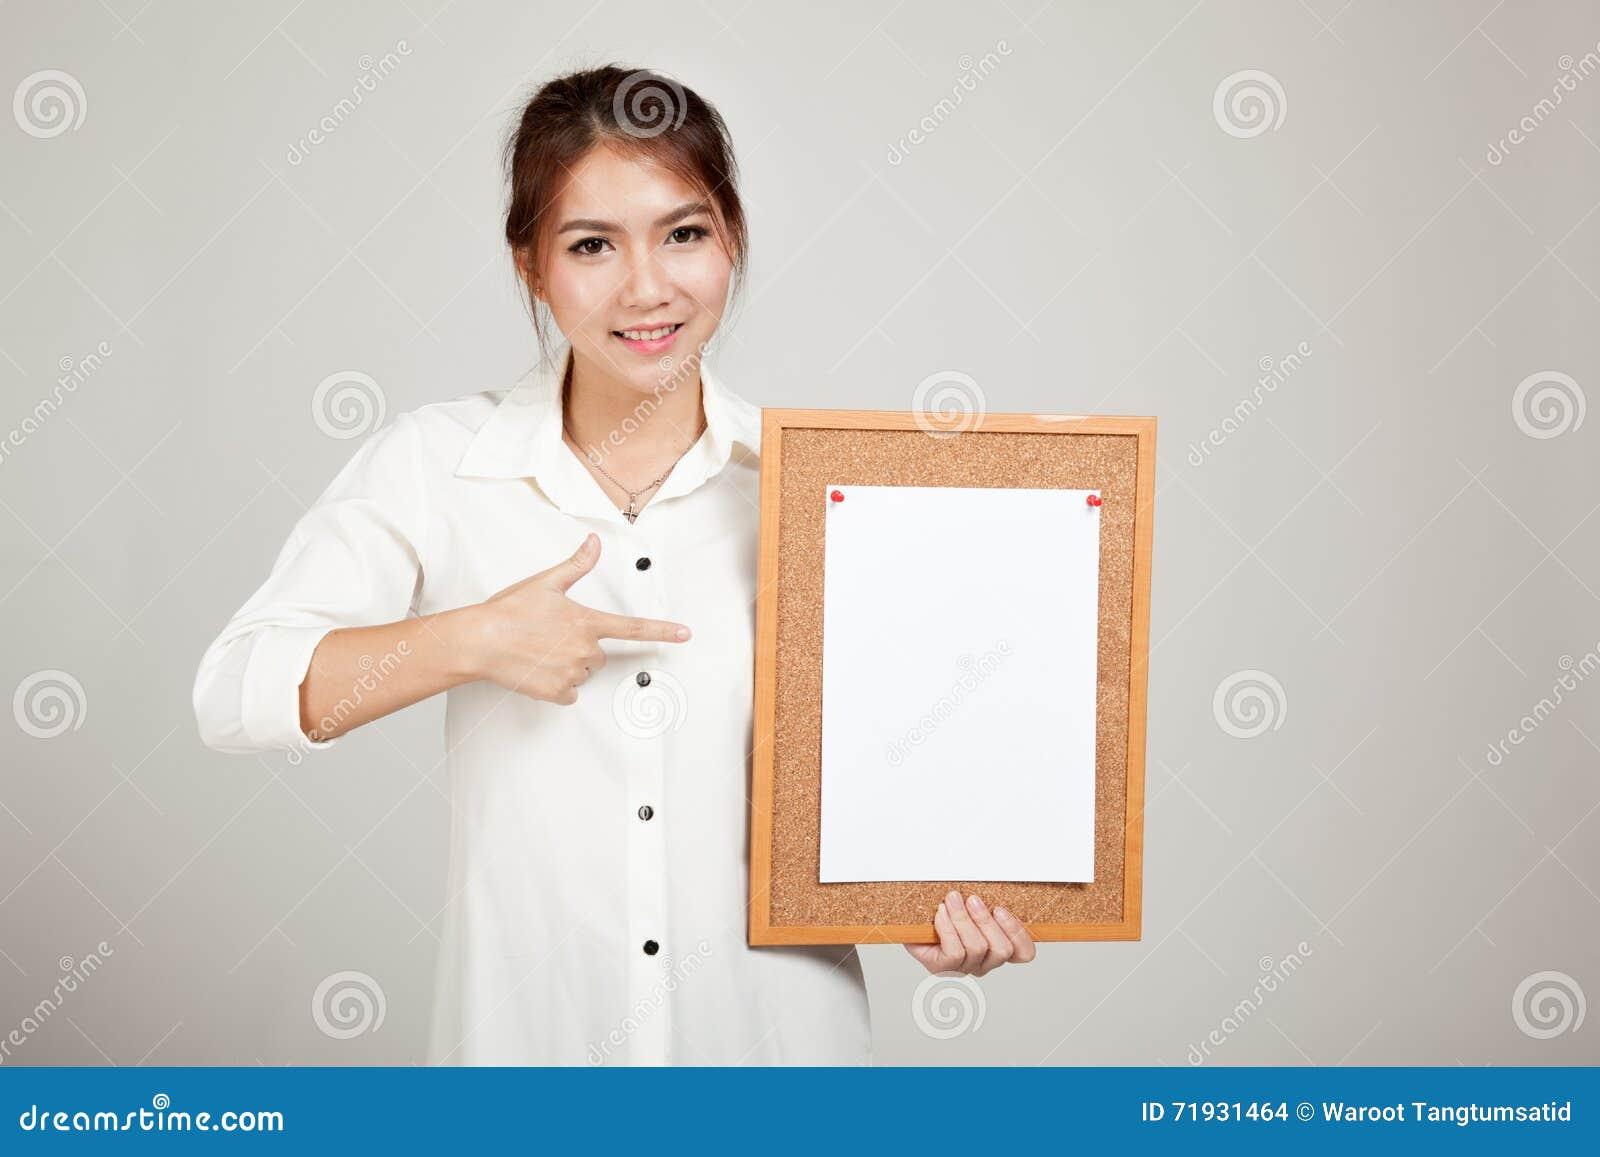 Азиатская девушка с штырем чистого листа бумаги на пробковой доске